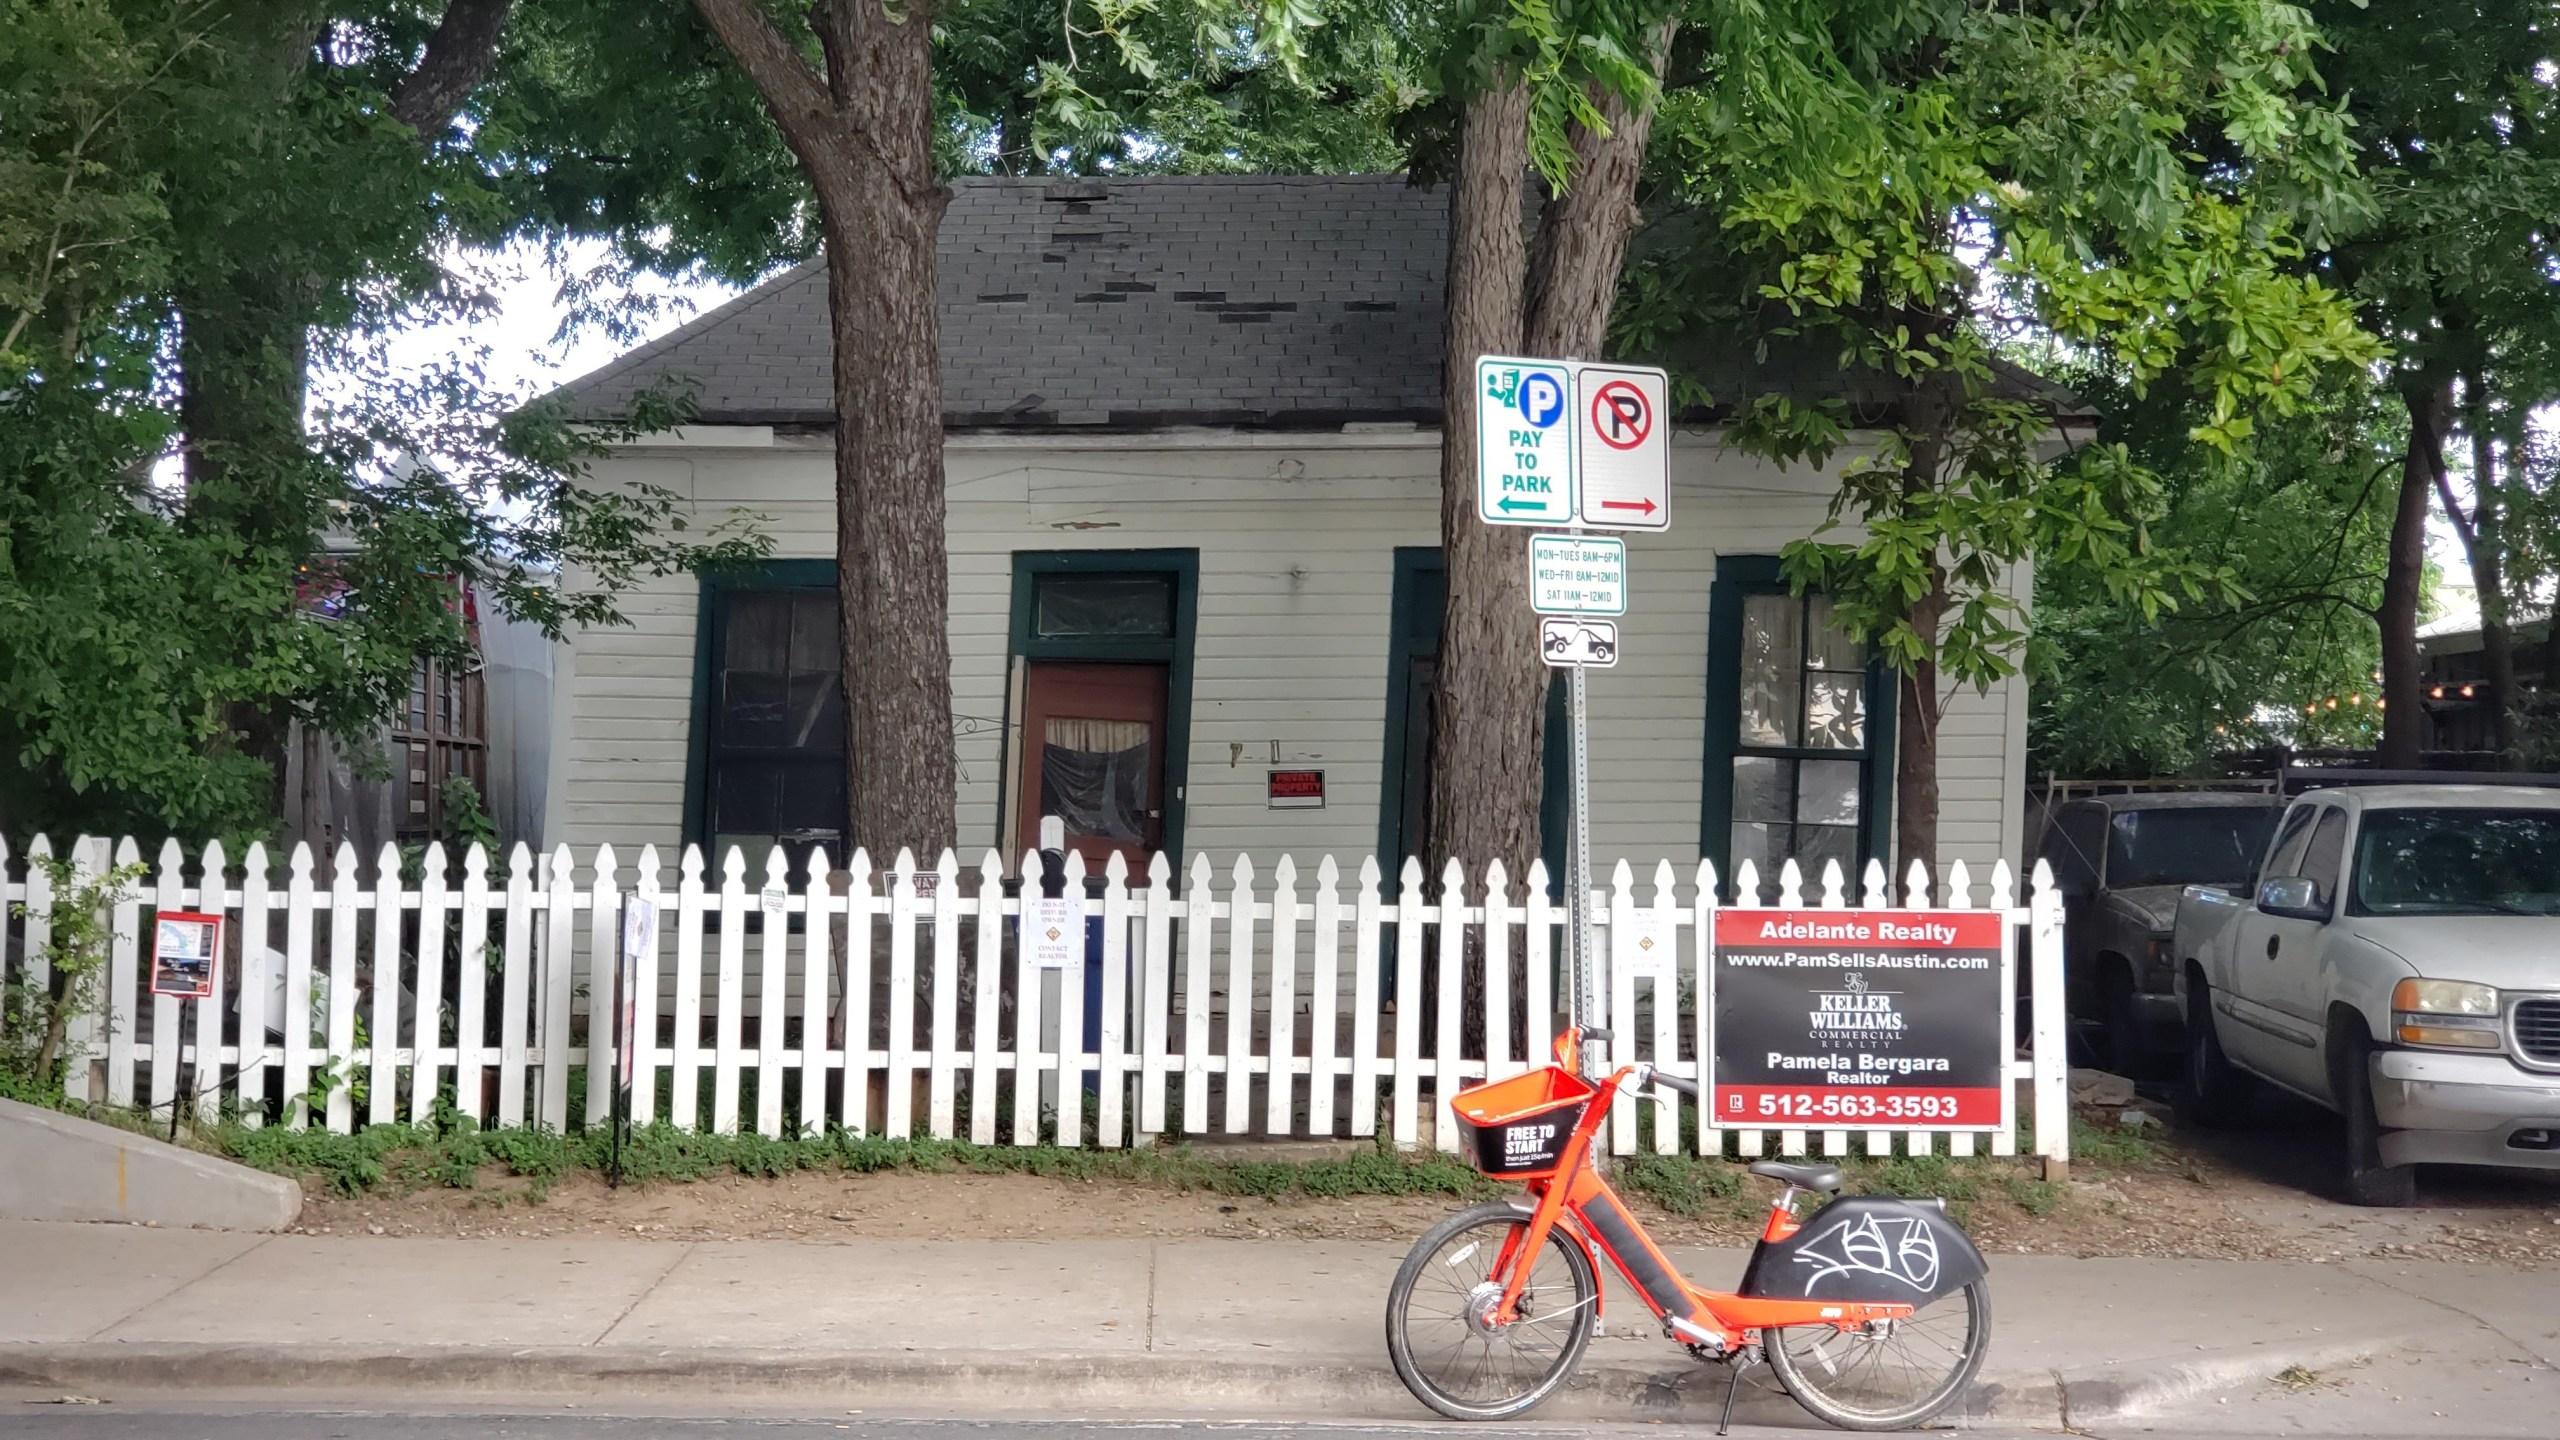 Rainey St house for sale